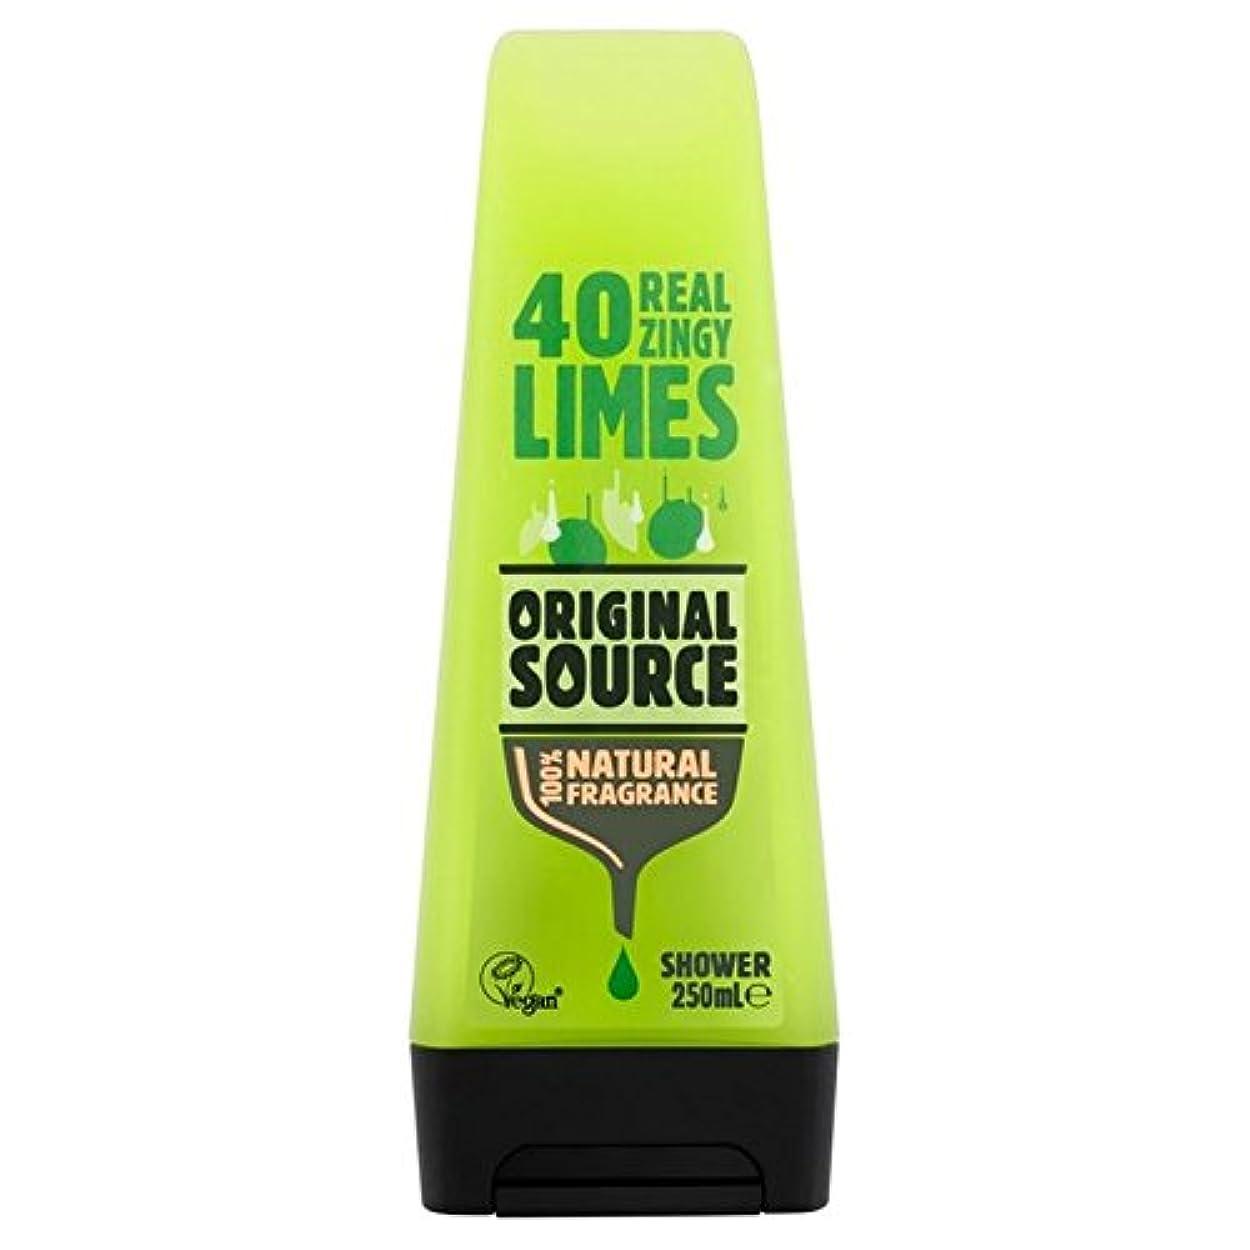 に関して更新実行する元のソースライムシャワージェル250ミリリットル x2 - Original Source Lime Shower Gel 250ml (Pack of 2) [並行輸入品]